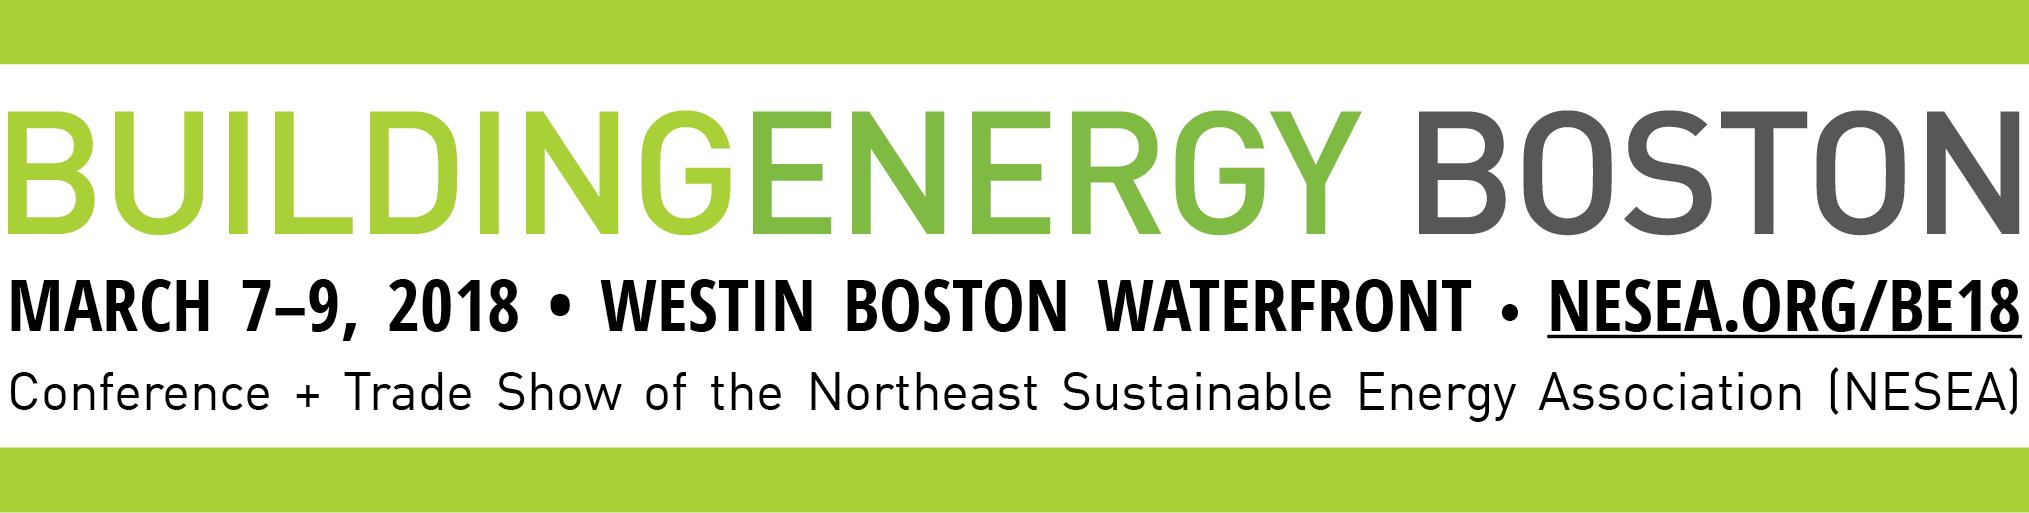 Buildingenergy Boston 2018 Nesea